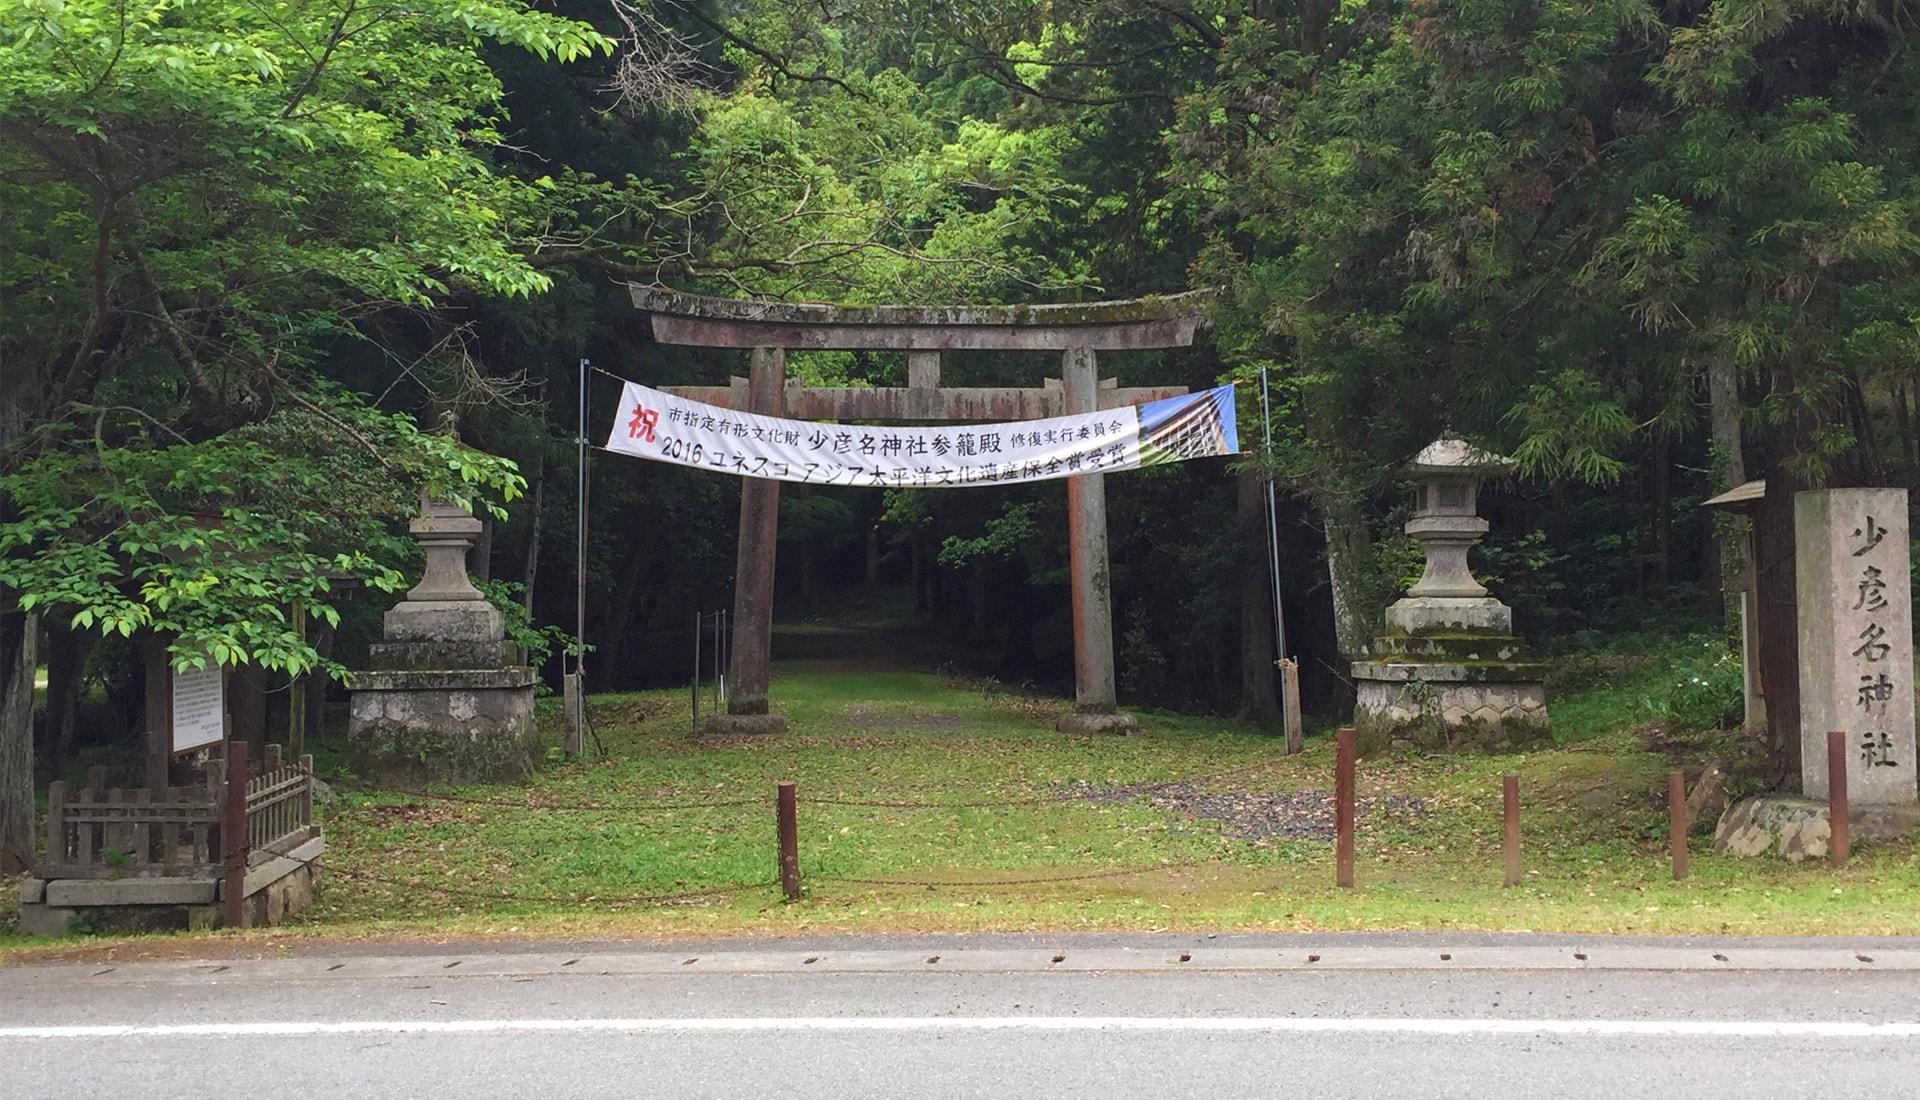 愛媛県大洲市の少彦名神社